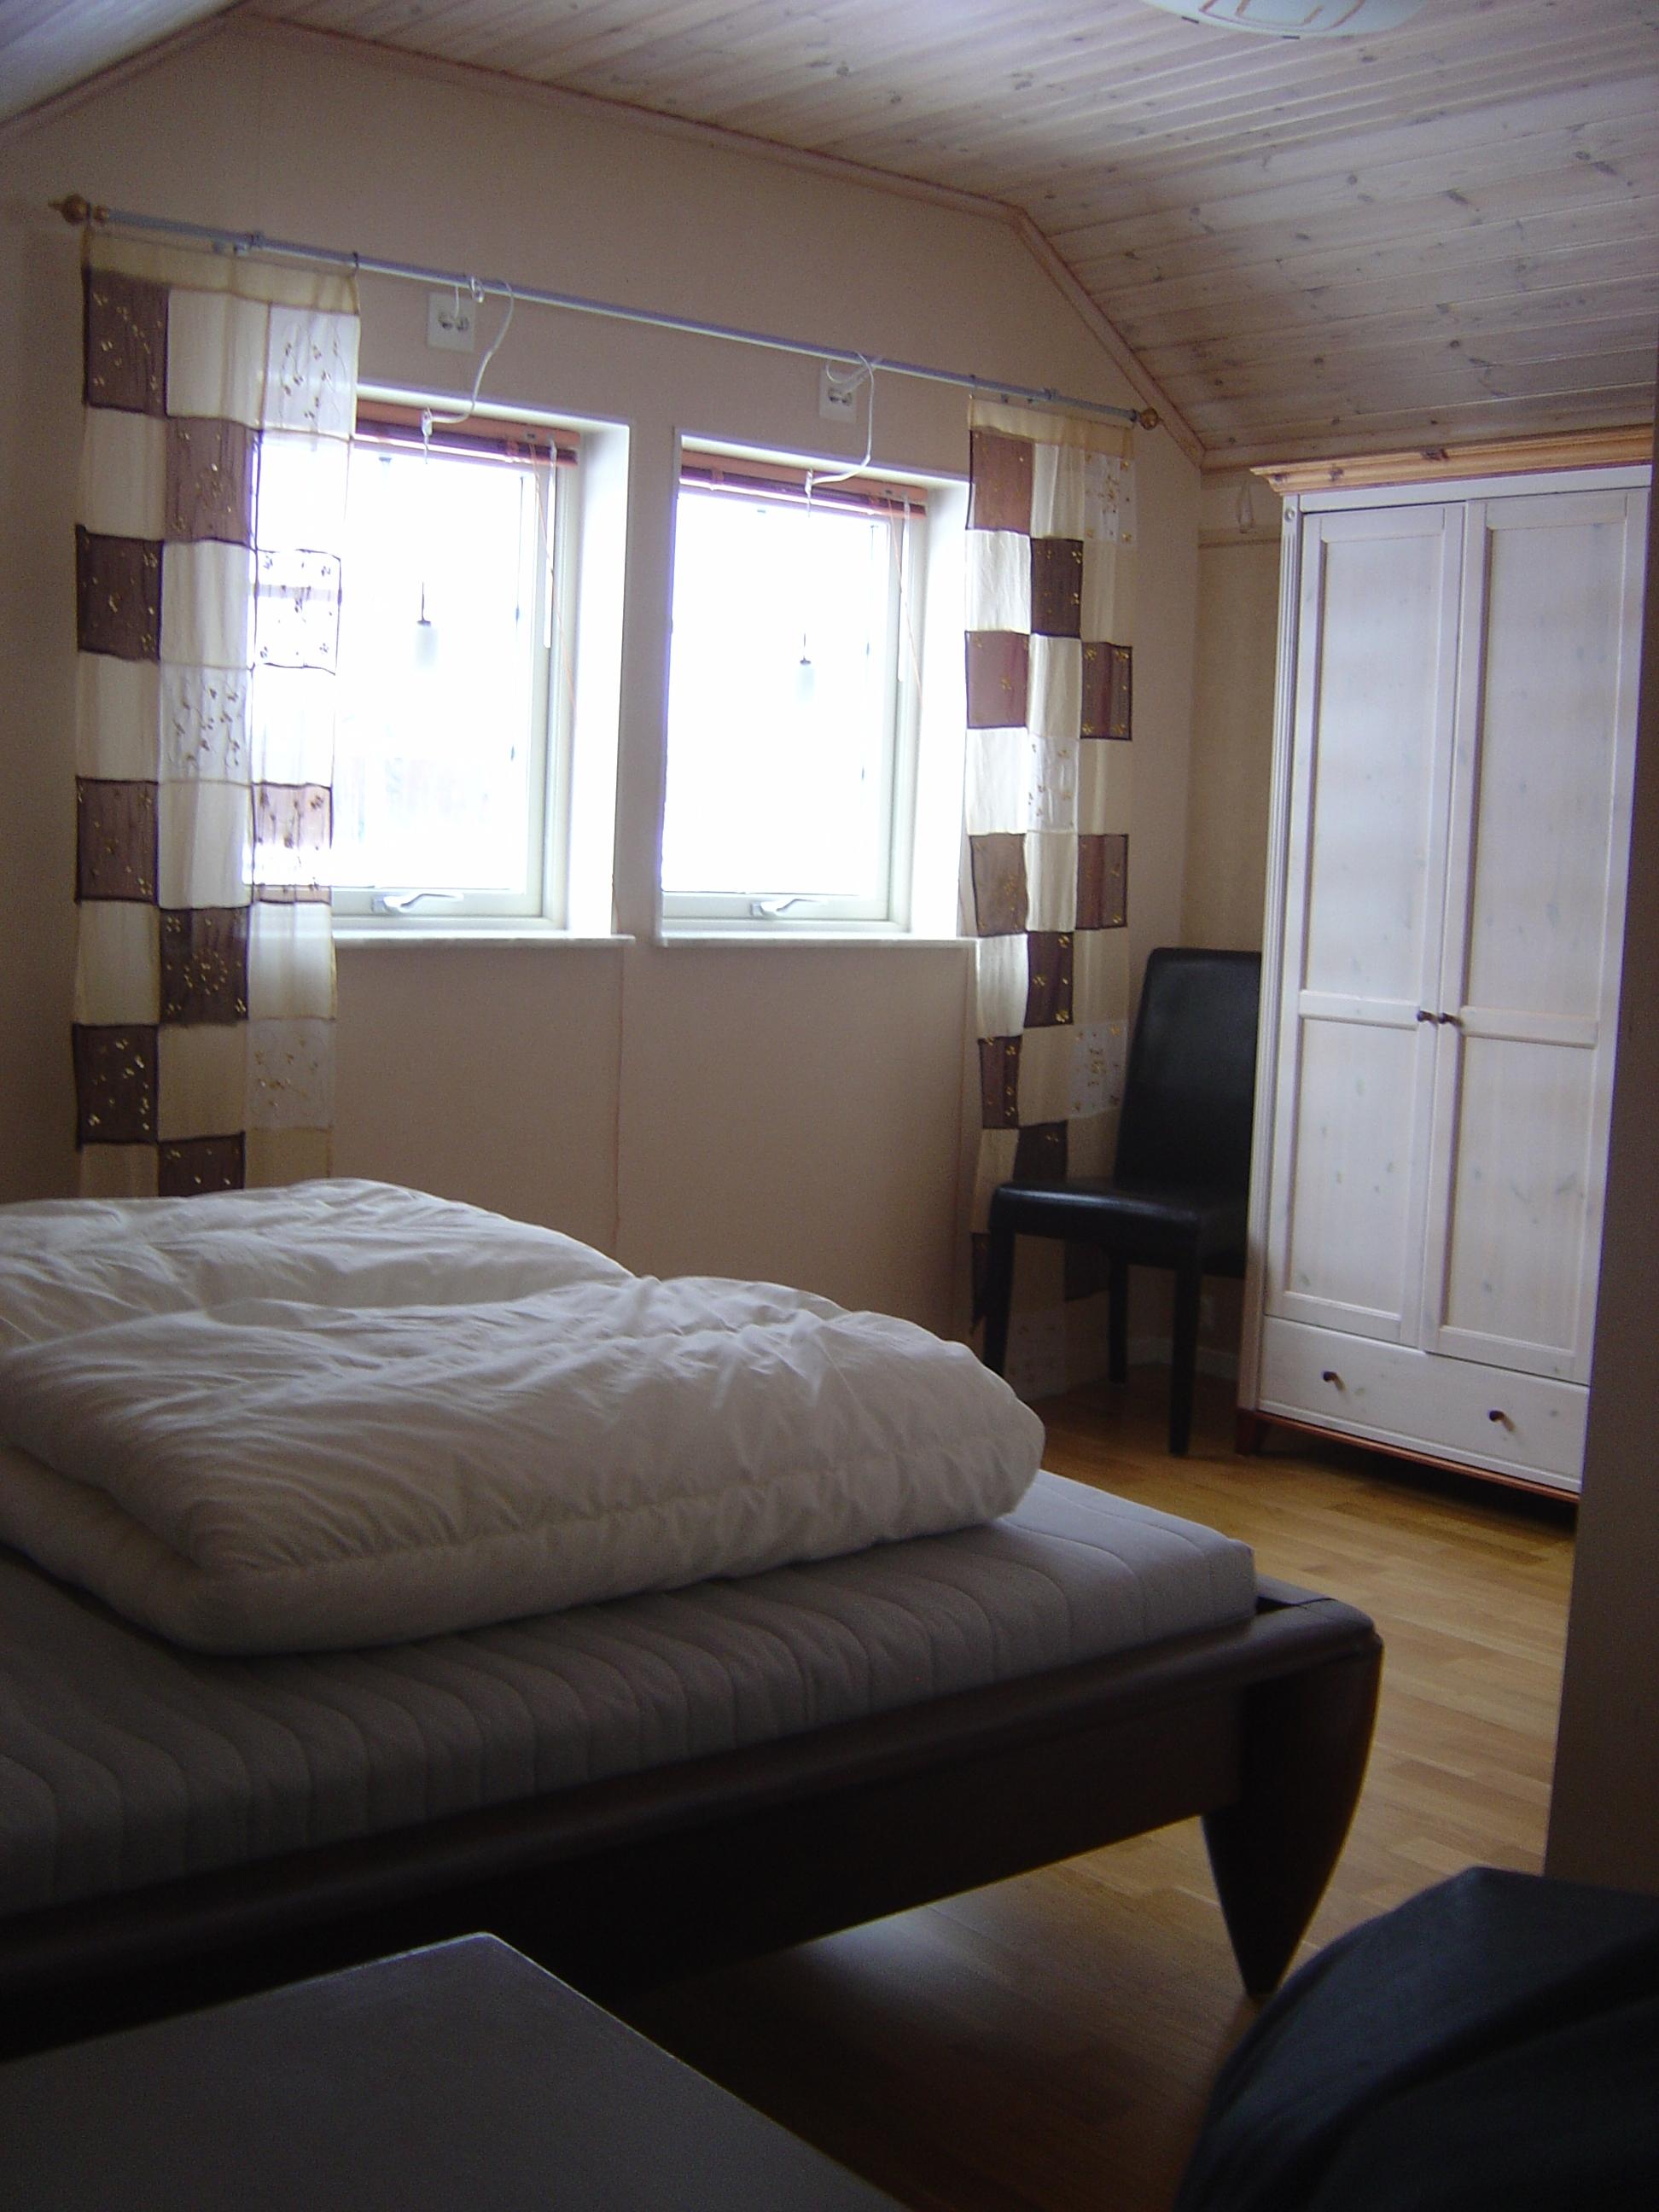 Ferienhaus Idala - Schlafzimmer